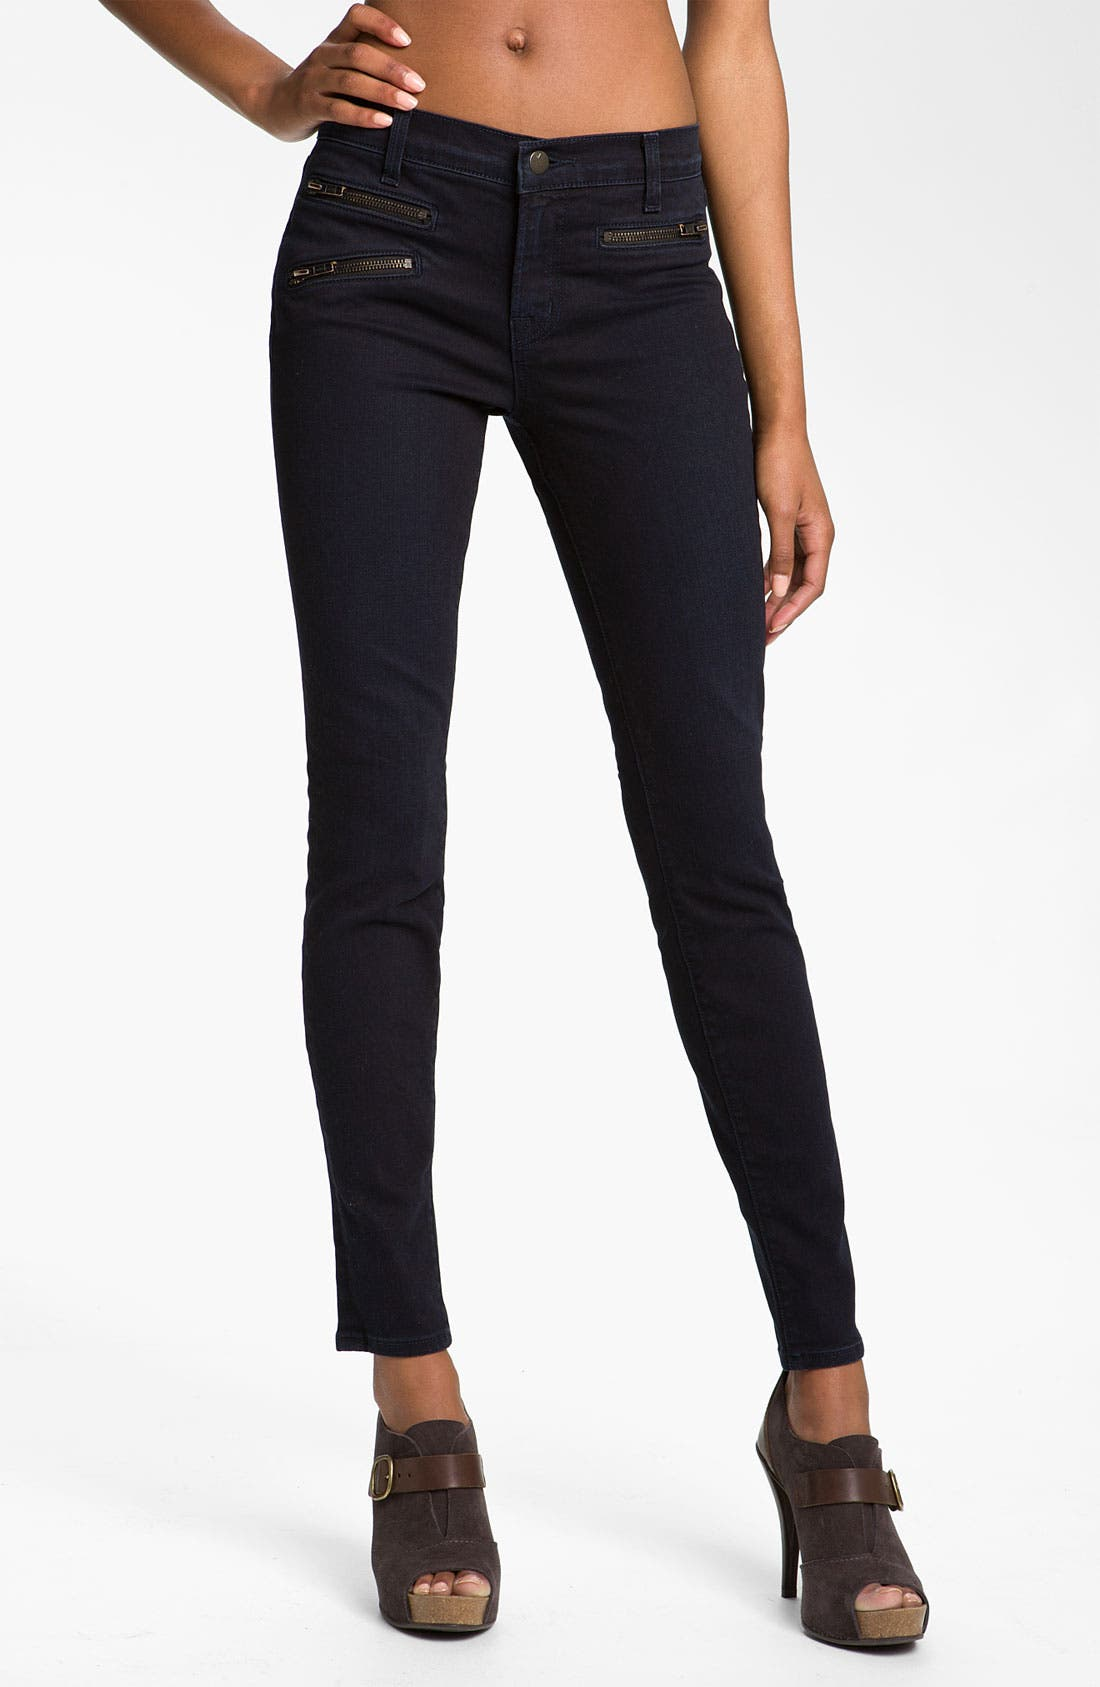 Alternate Image 1 Selected - J Brand 'Zoey' Skinny Jeans (York)